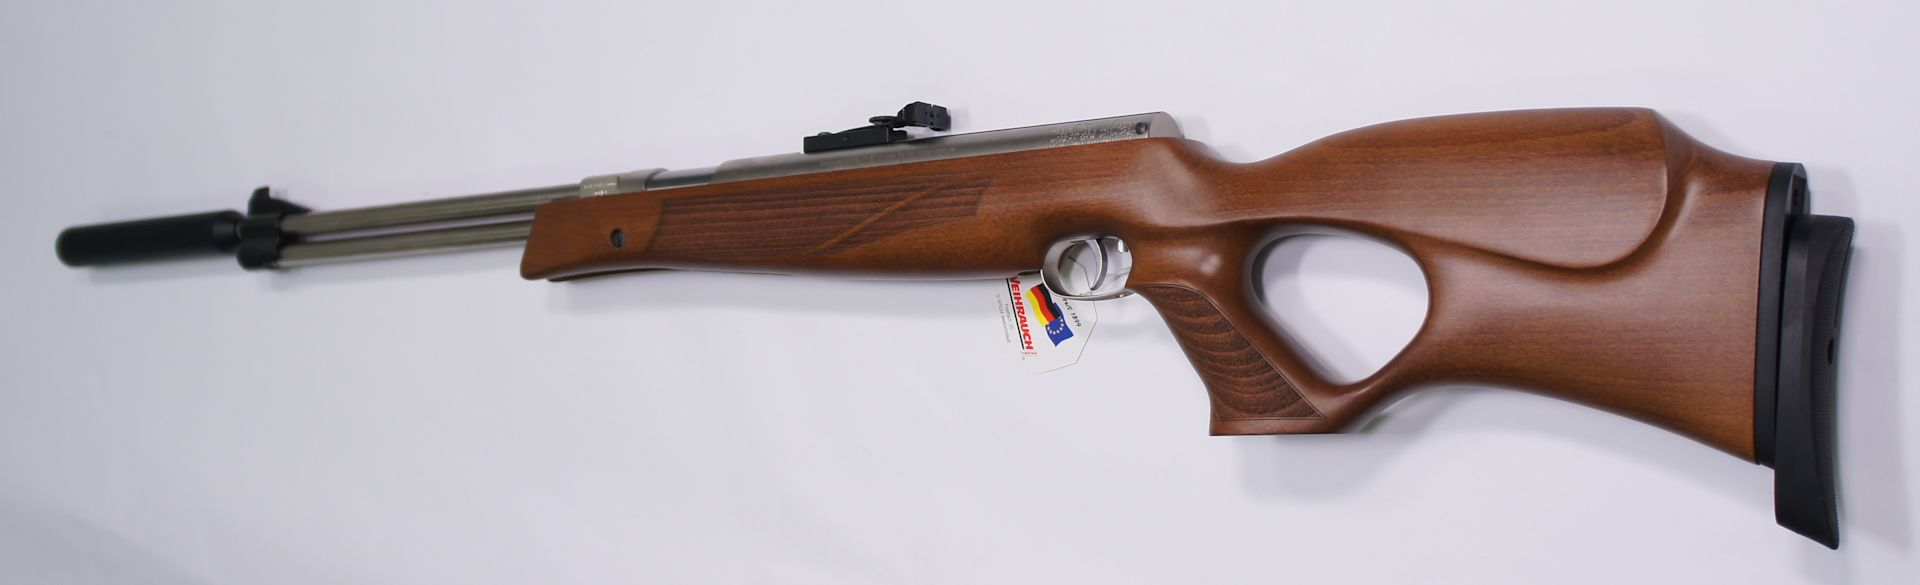 Das vernickelte Luftgewehr HW 77 K sd im hölzernen Lochschaft ist ein schöner Anblick und hochgradig funktionell und präzise.